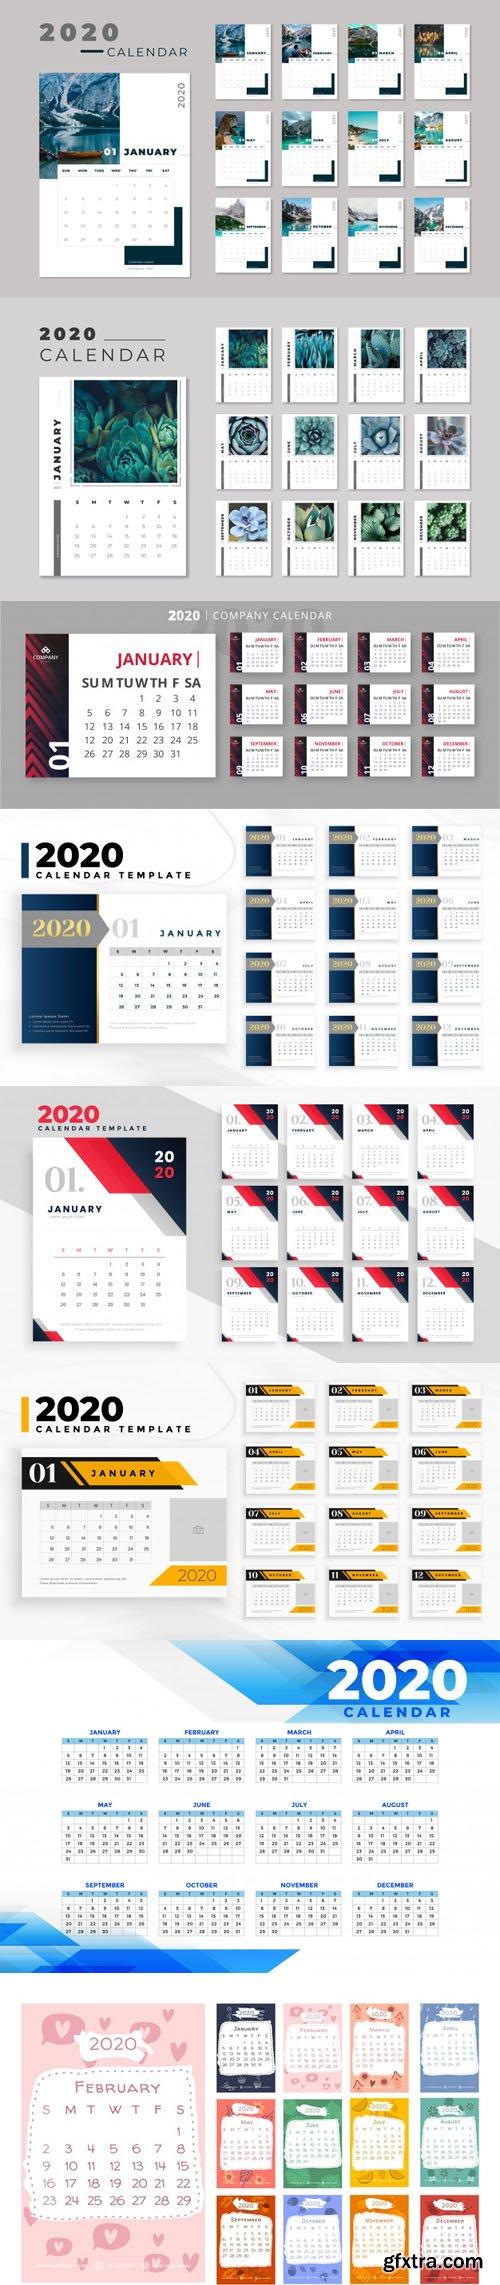 2020 Calendars Vector Collection 1